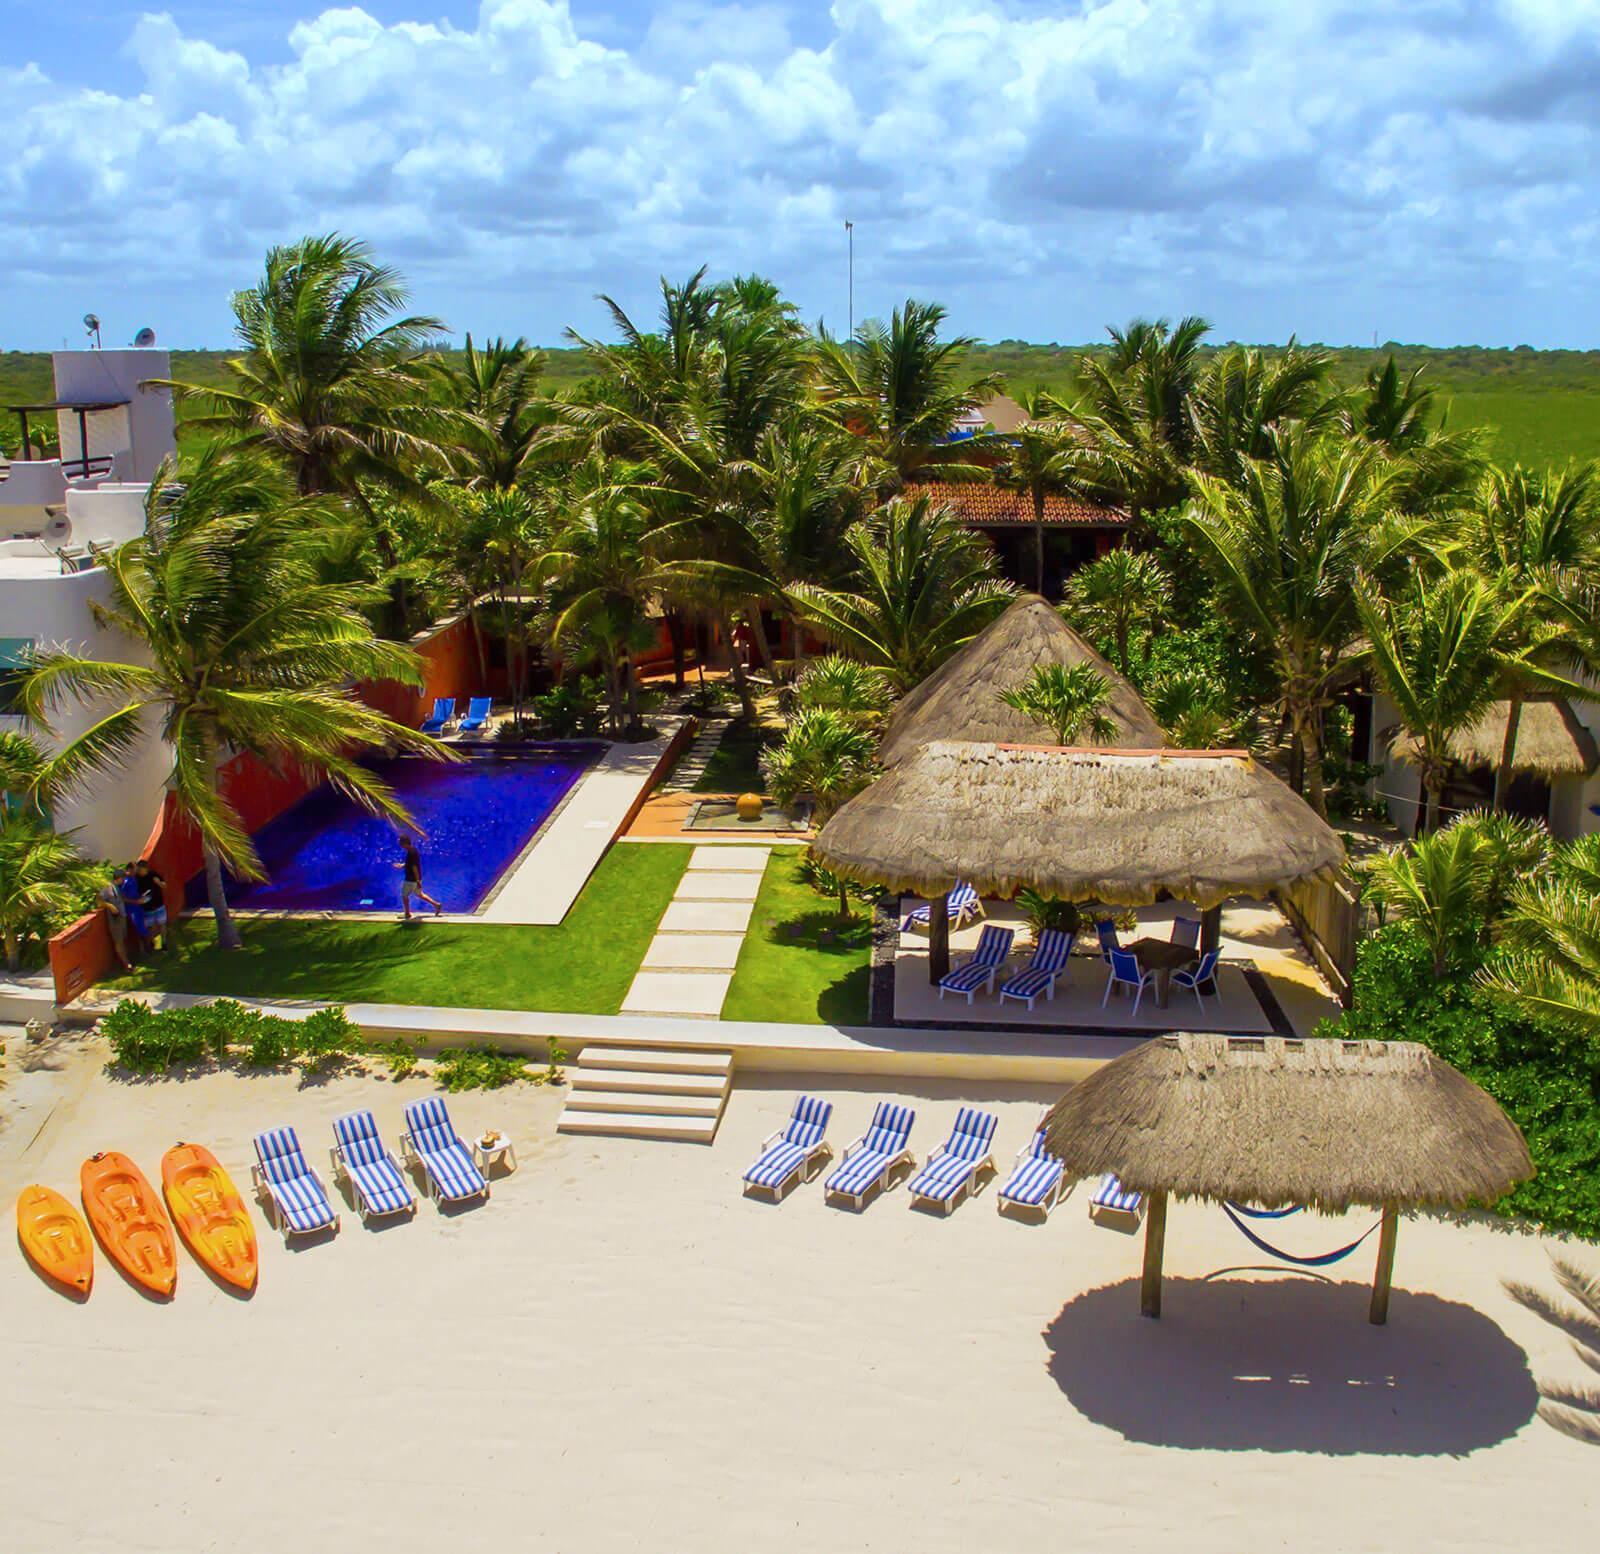 Maya_Luxe_Riviera_Maya_Luxury_Villas_Experiences_Soliman_Bay_6_Bedrooms_Casa_Buena_Suerte_6.jpg